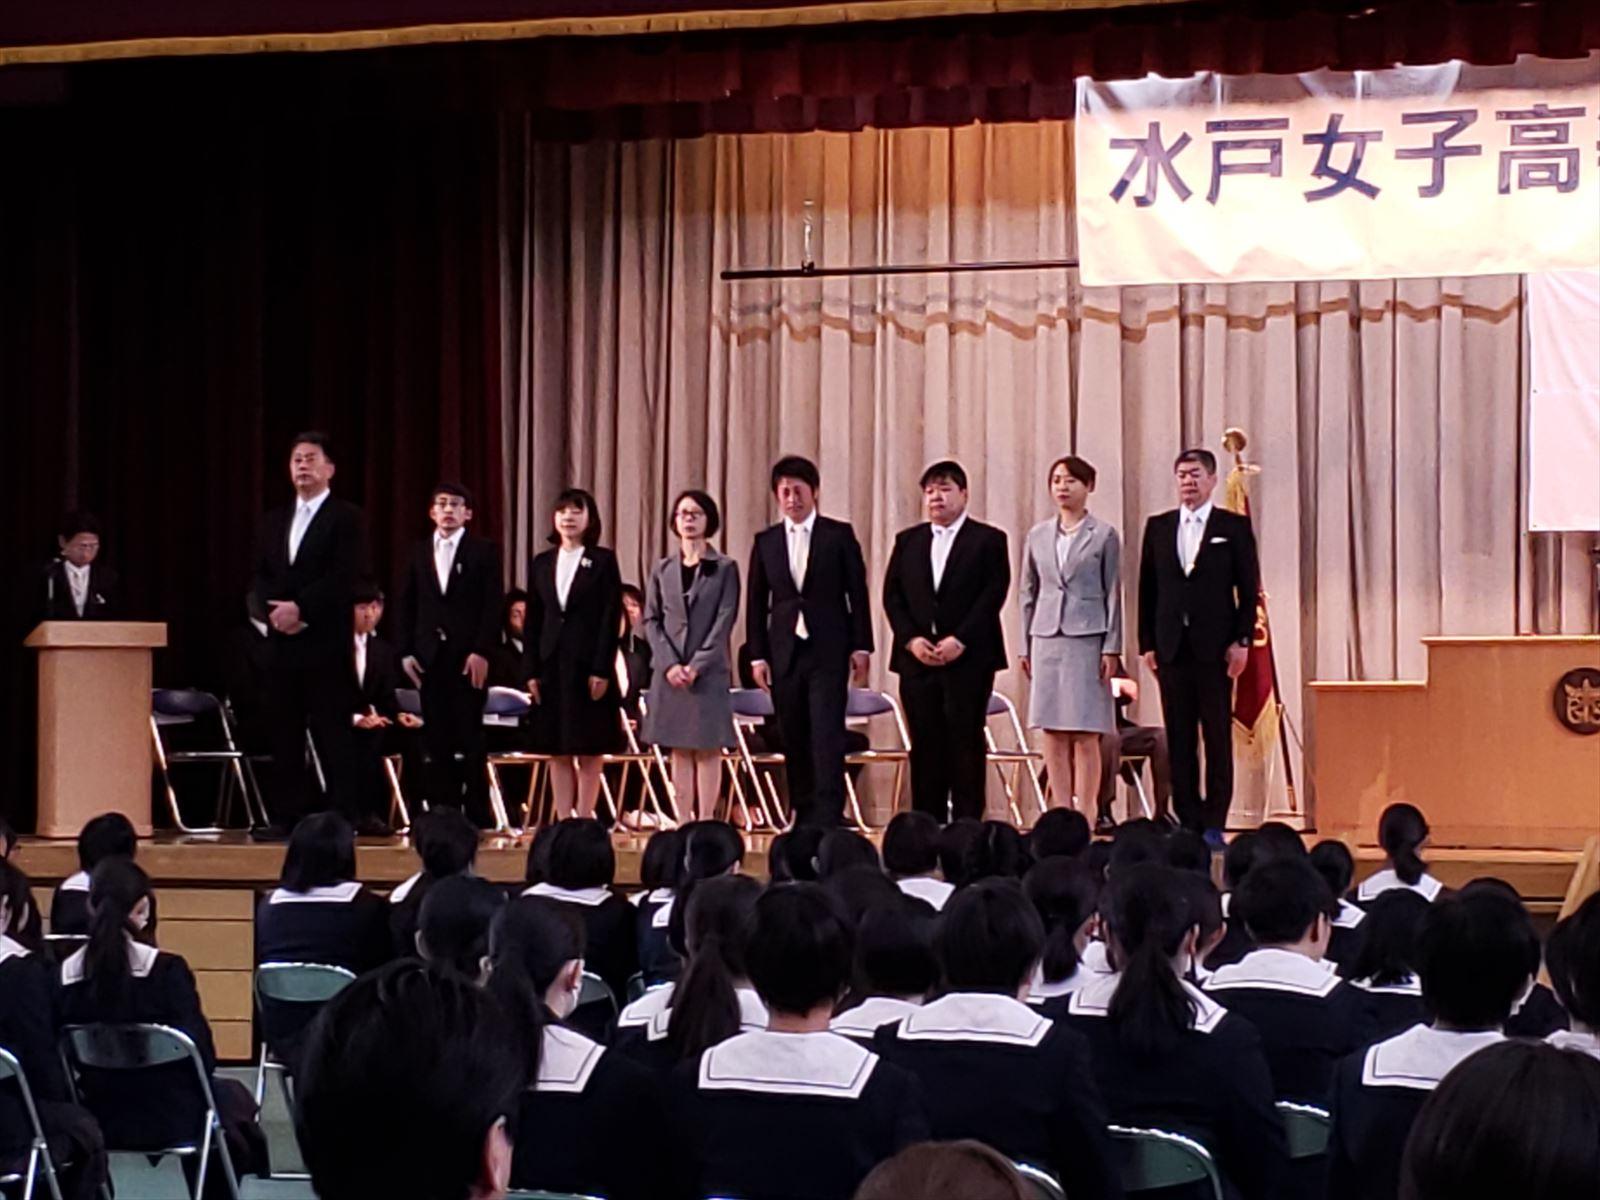 入学式(R1)③